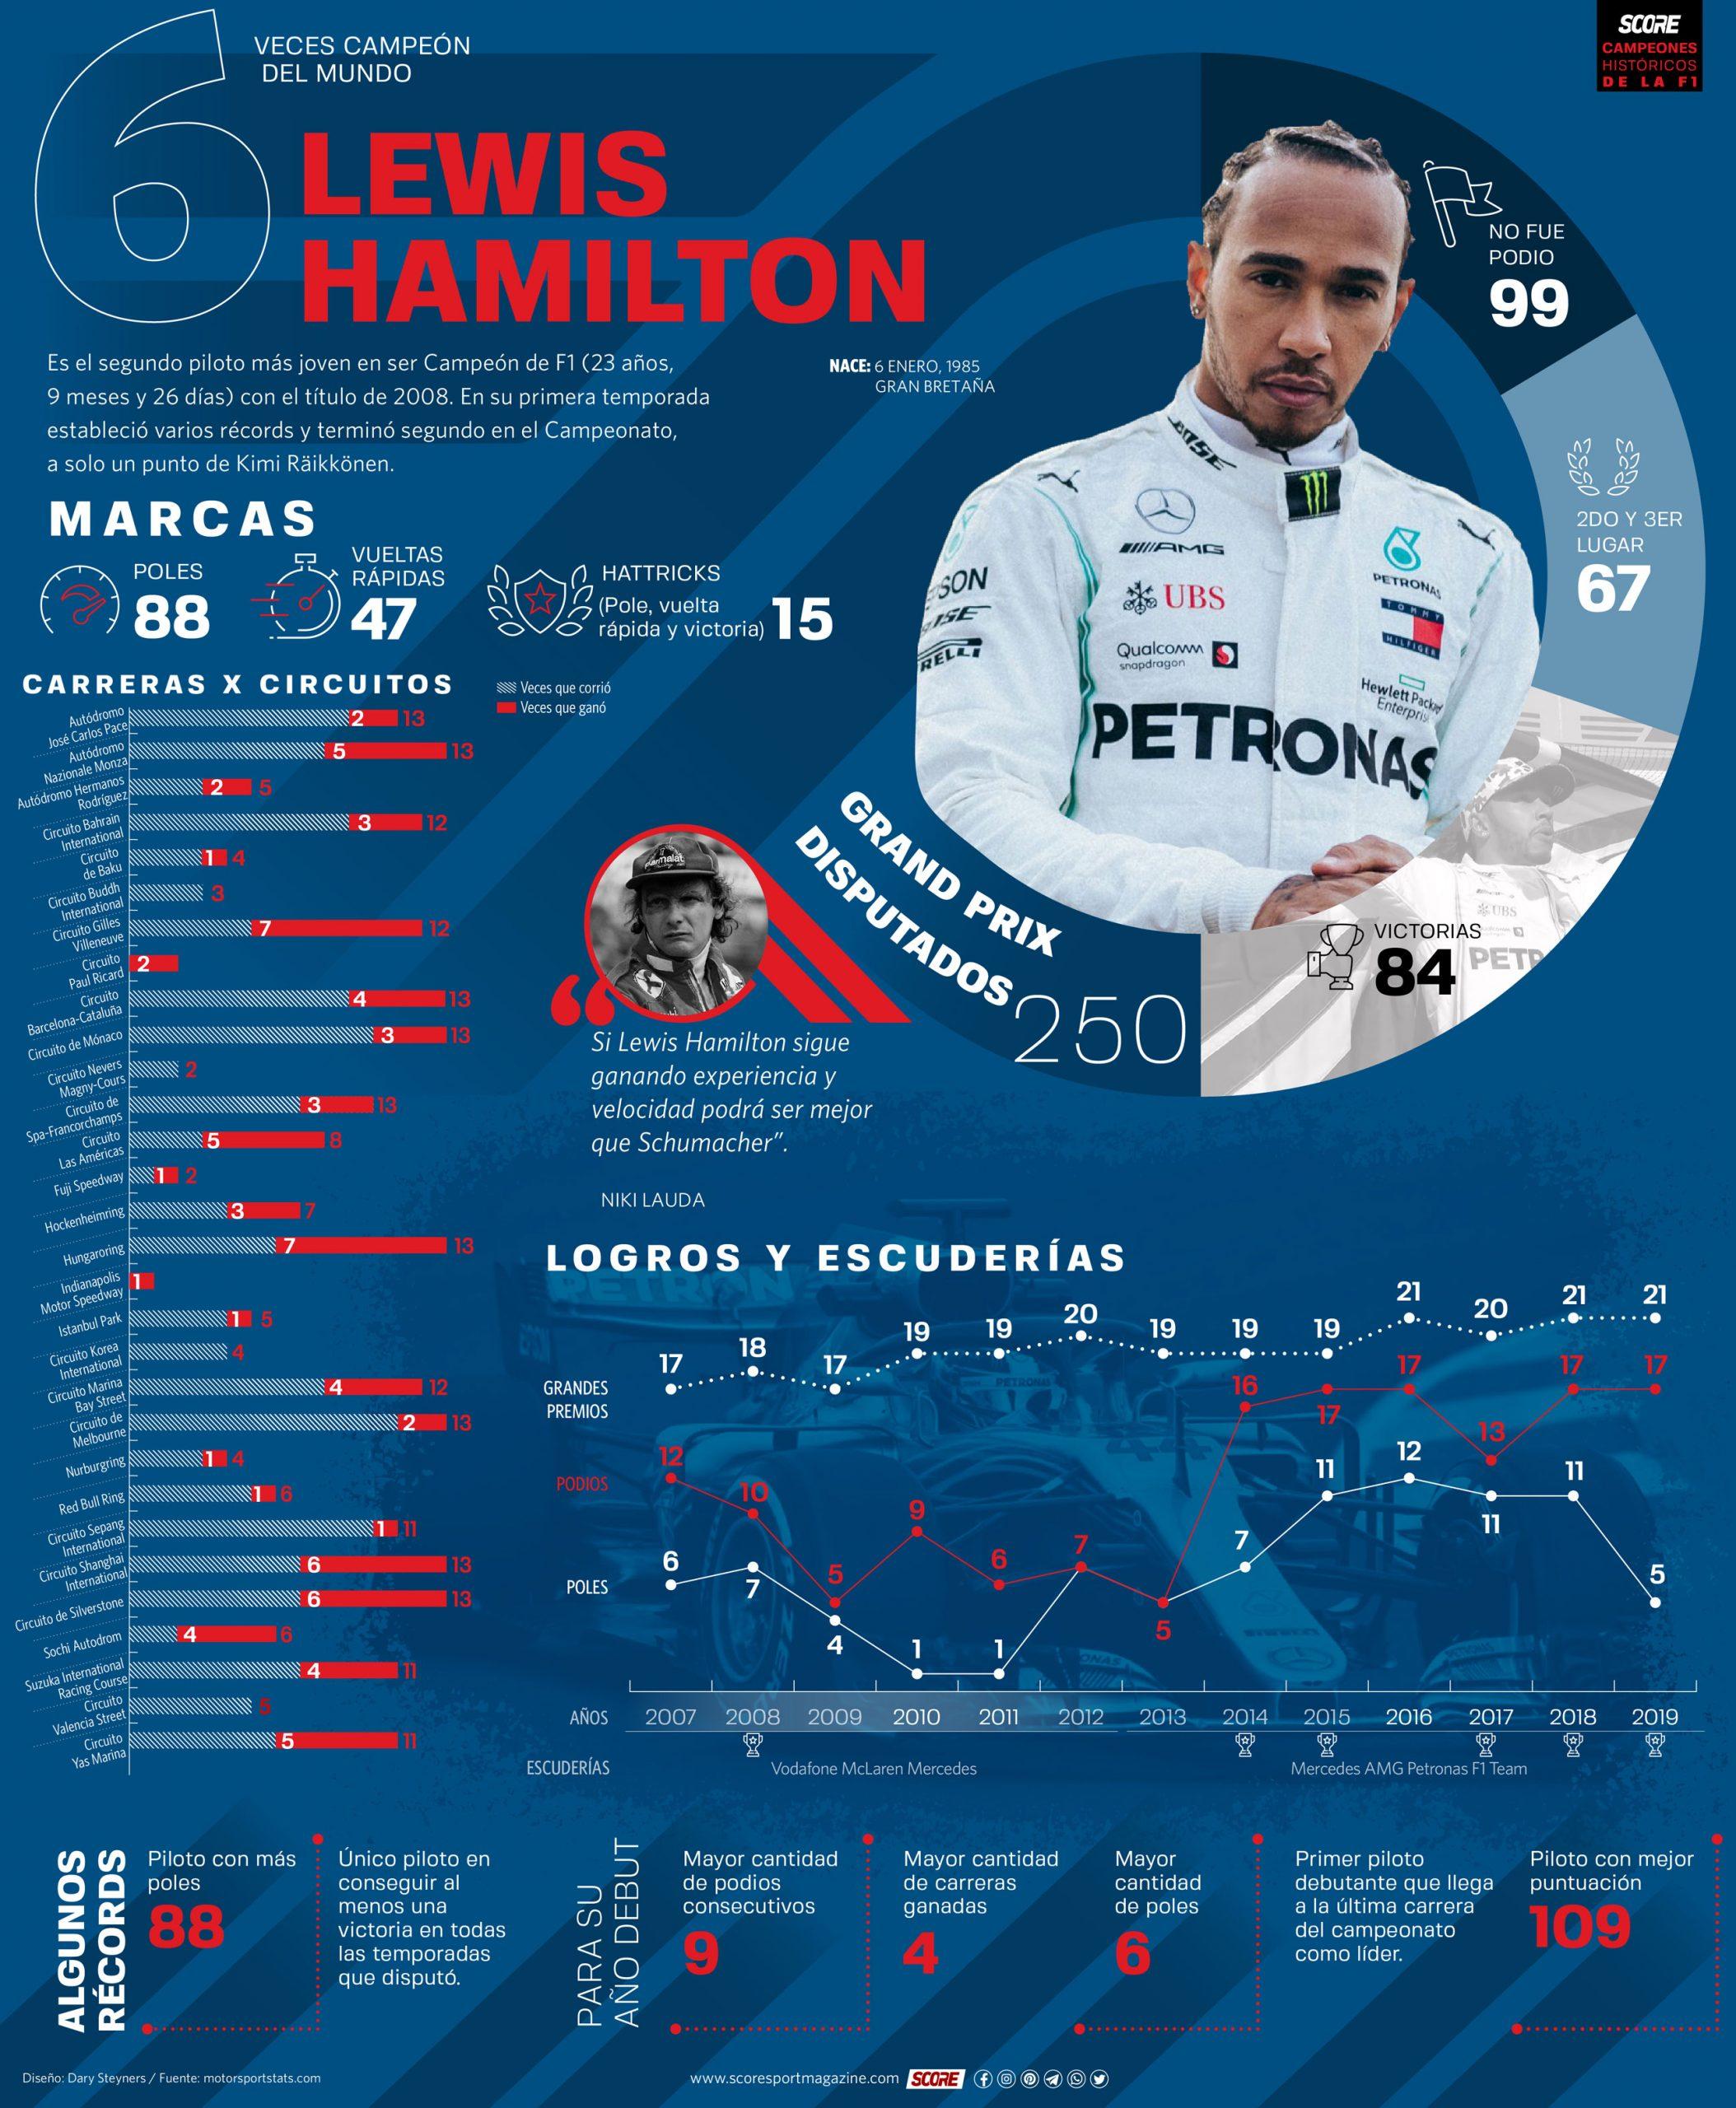 Lewis Hamilton-Serie de infografías de Campeones Históricos de la Fórmula 1